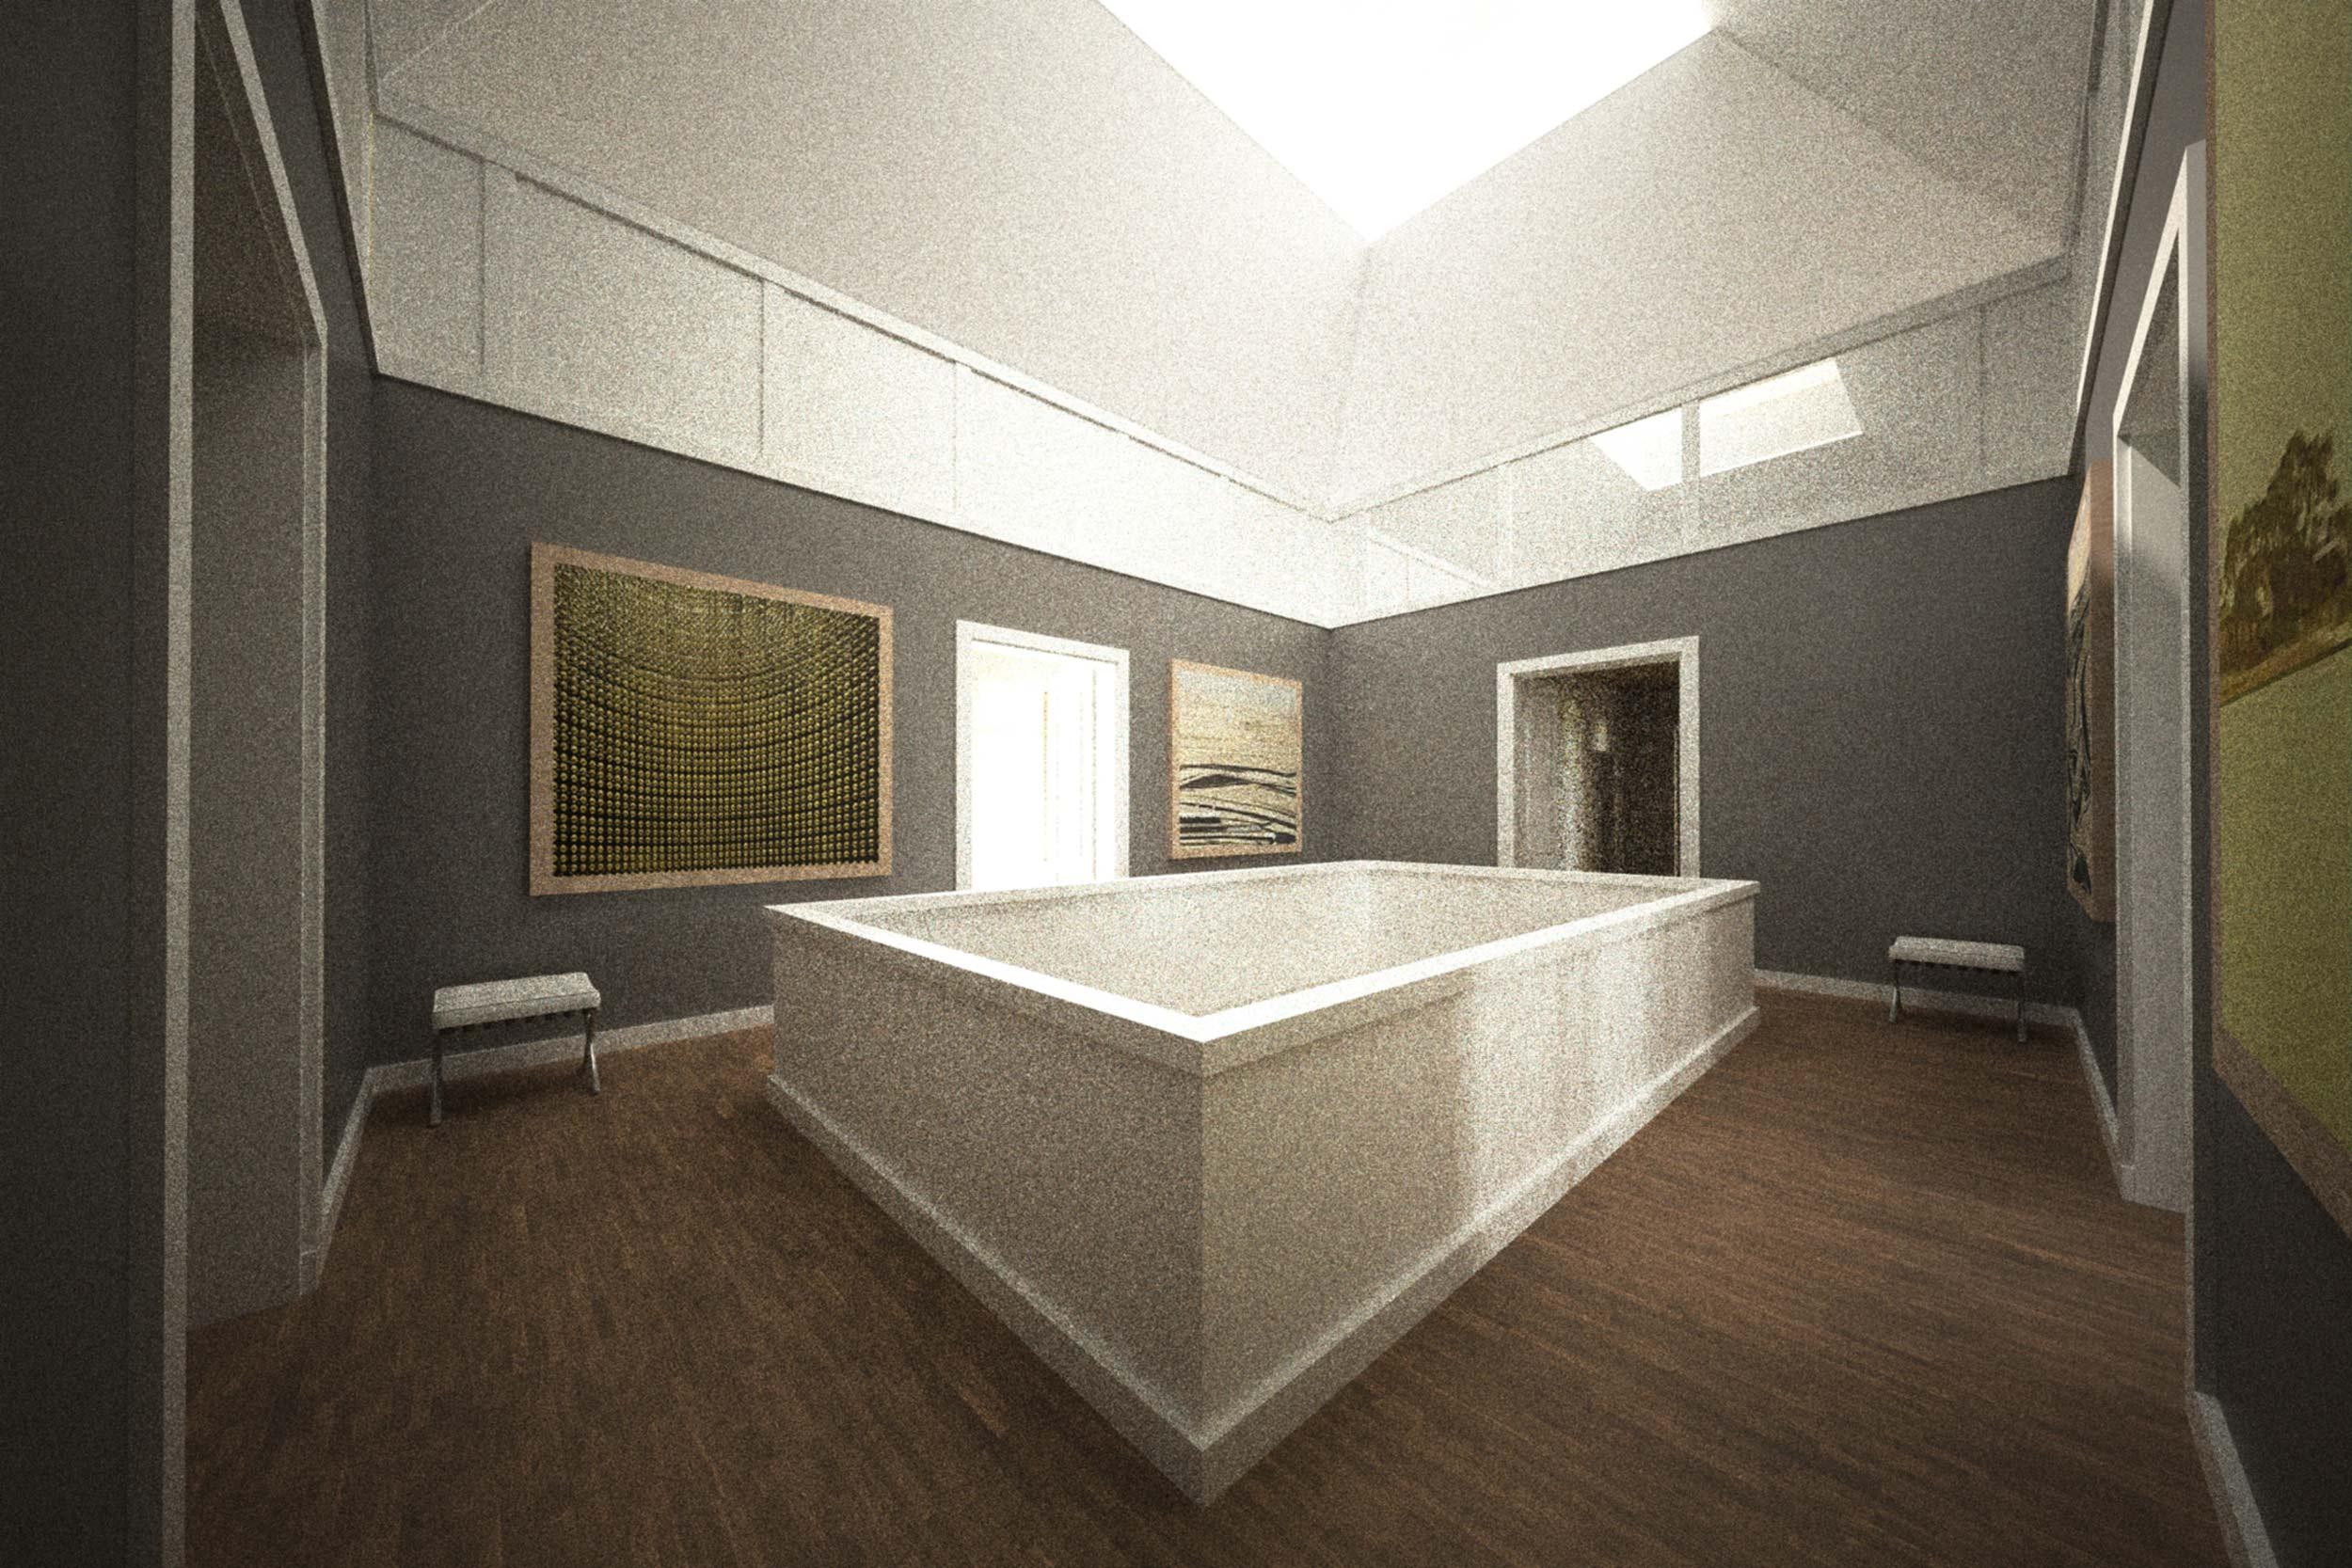 Die Galerie der neuen Halle erhält über das Dach natürliches Licht